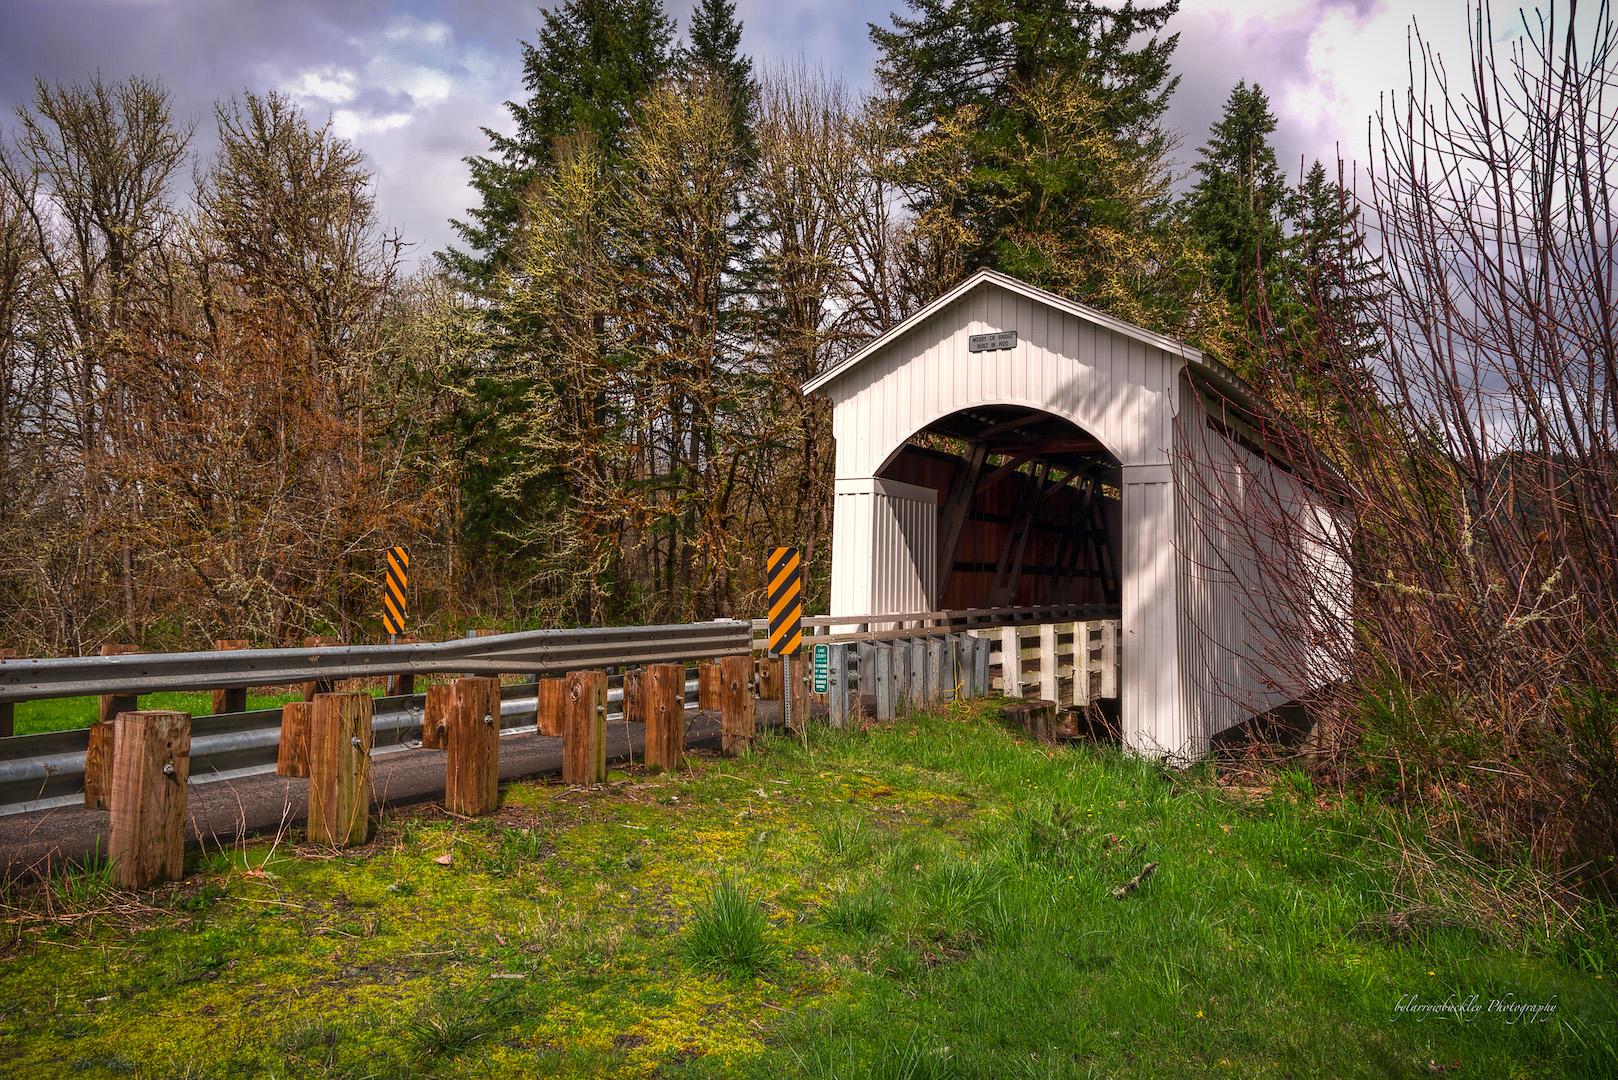 Mosby Creek Covered Bridge